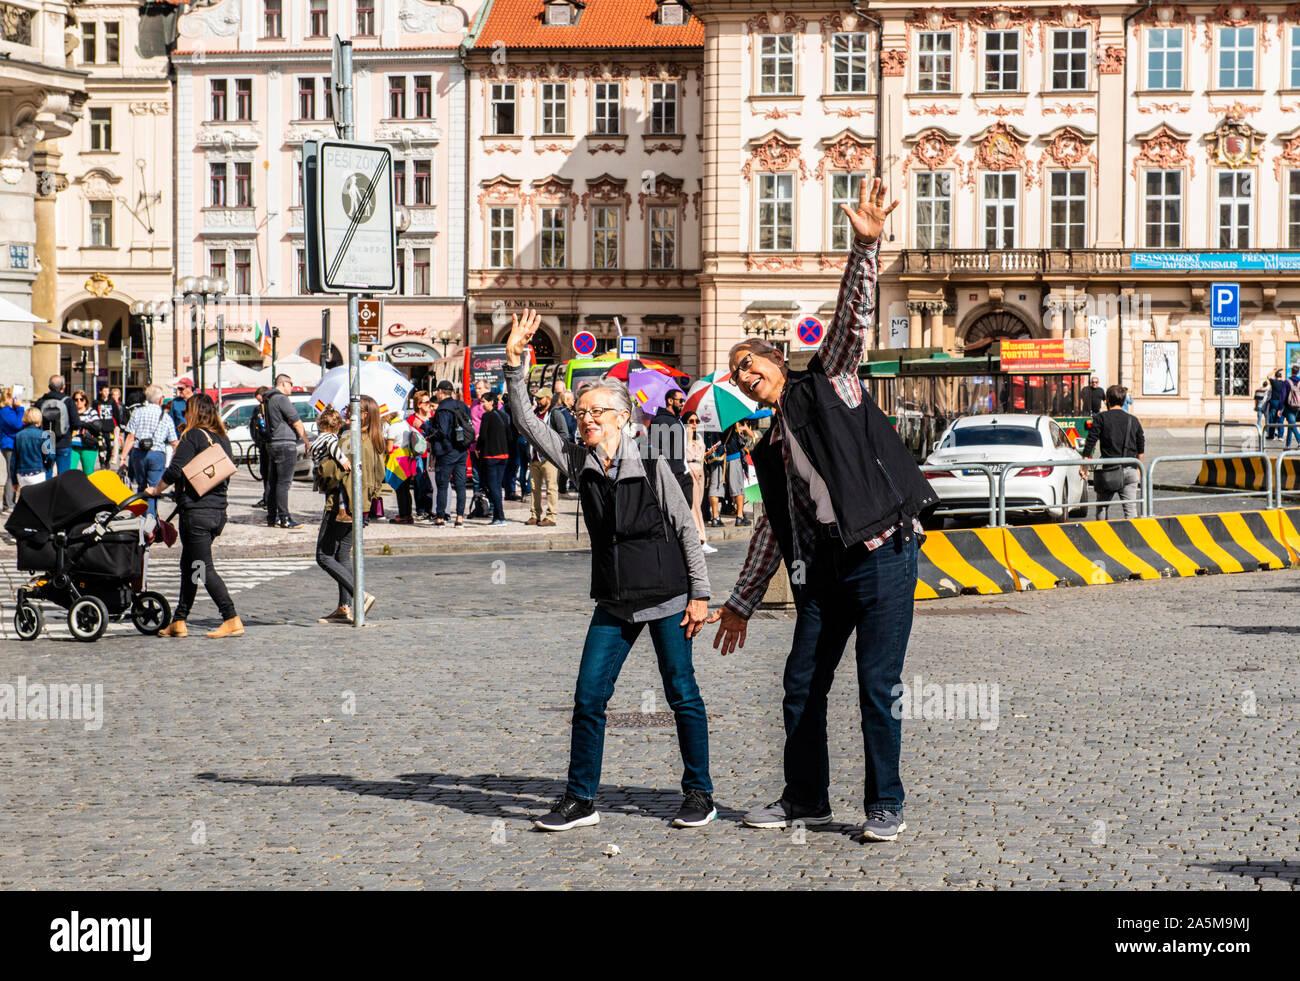 Coppia senior gesticolando e gesti sul marciapiede, Piazza della Città Vecchia di Praga, Repubblica Ceca Foto Stock